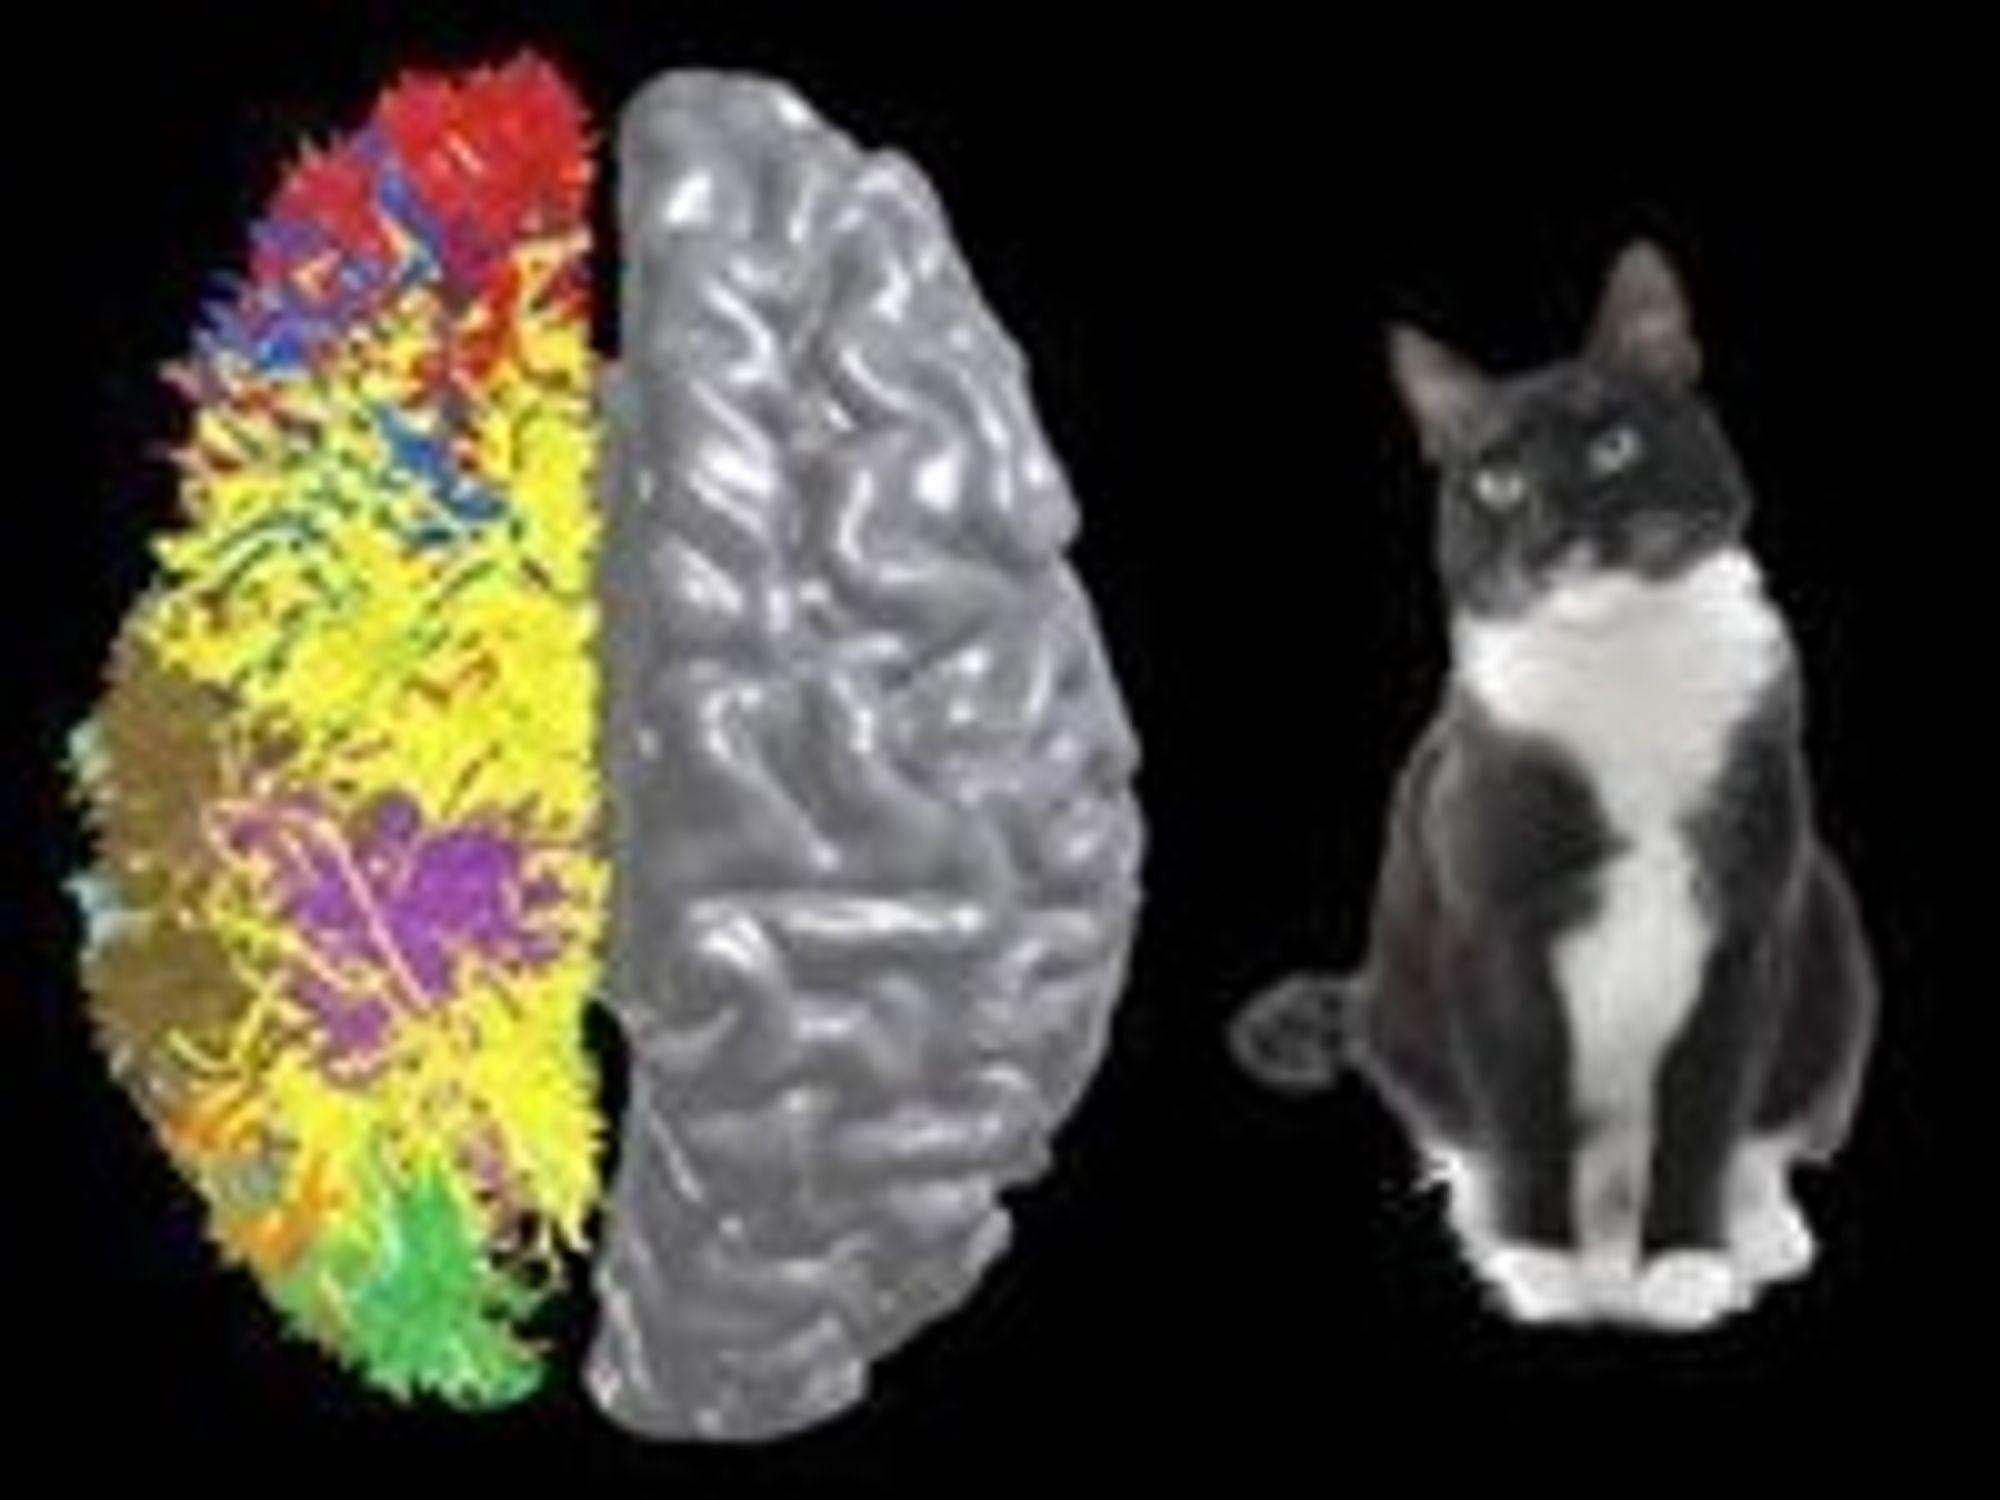 Bildet symboliserer de to siste nyvinningene innen kognitiv databehandling: BlueMatter-algoritmen og hjernebarksimulering i katteskala.